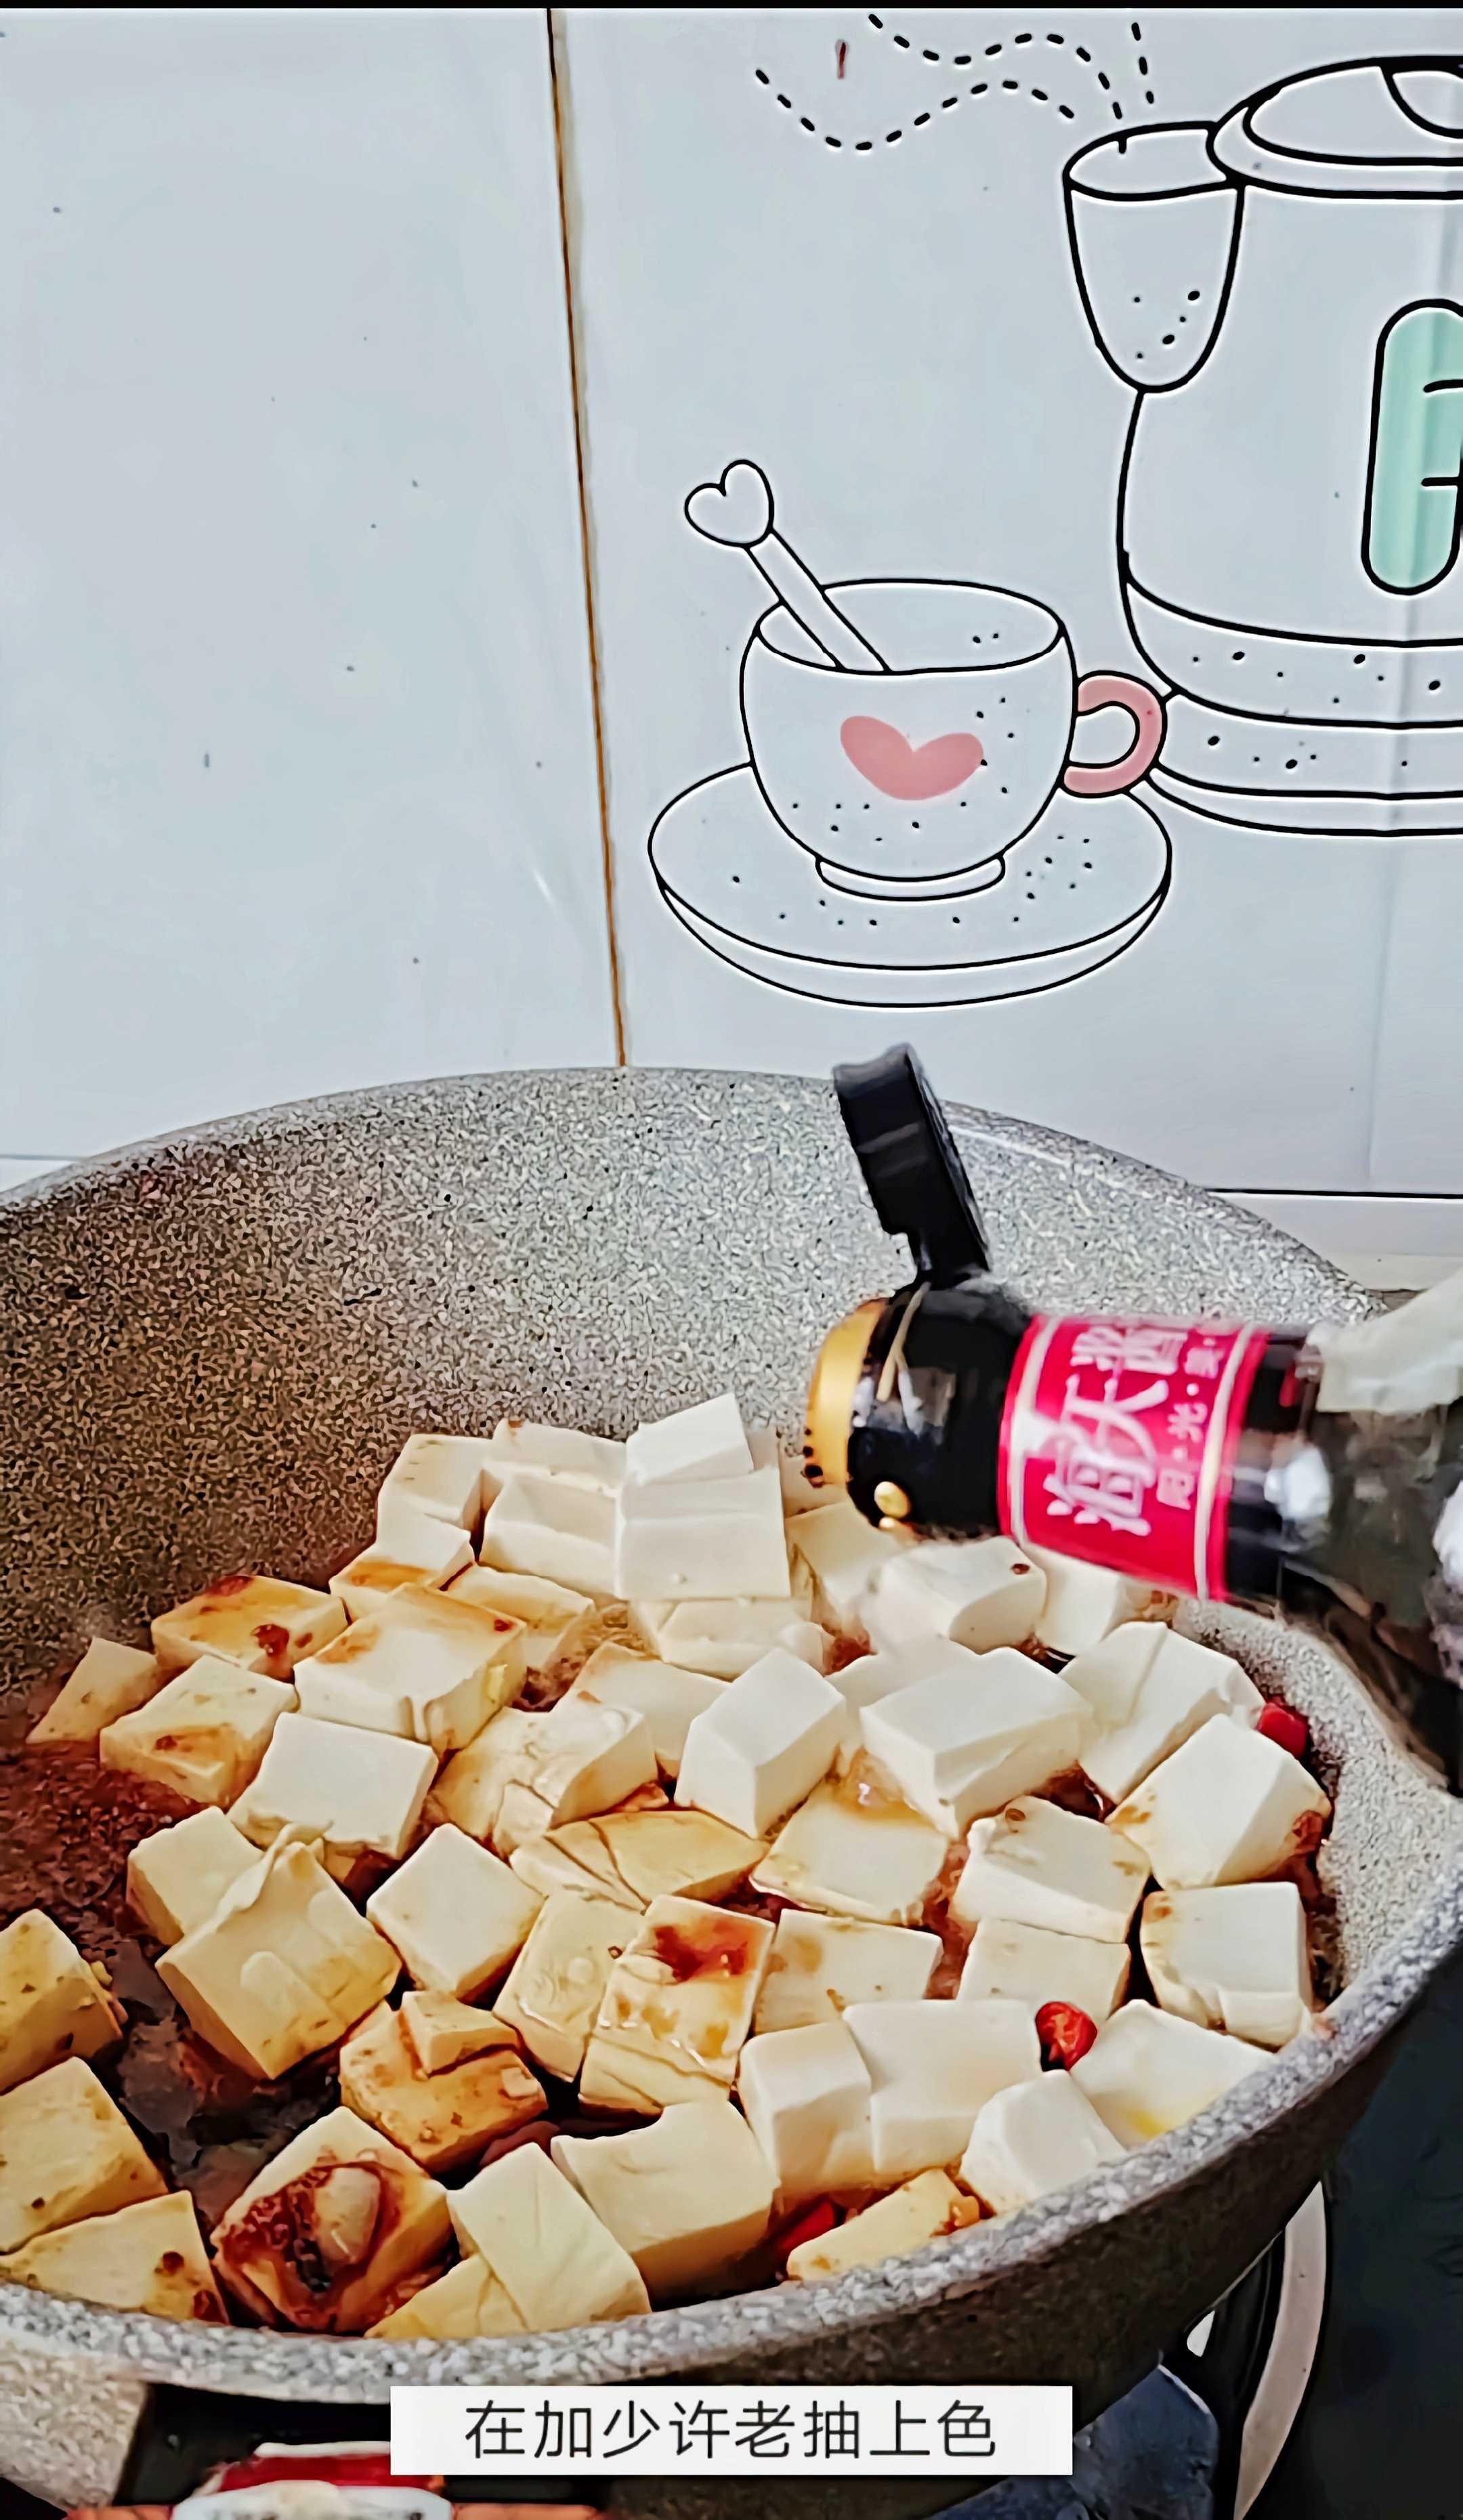 #豆腐的神仙做法#红烧木耳豆腐的简单做法